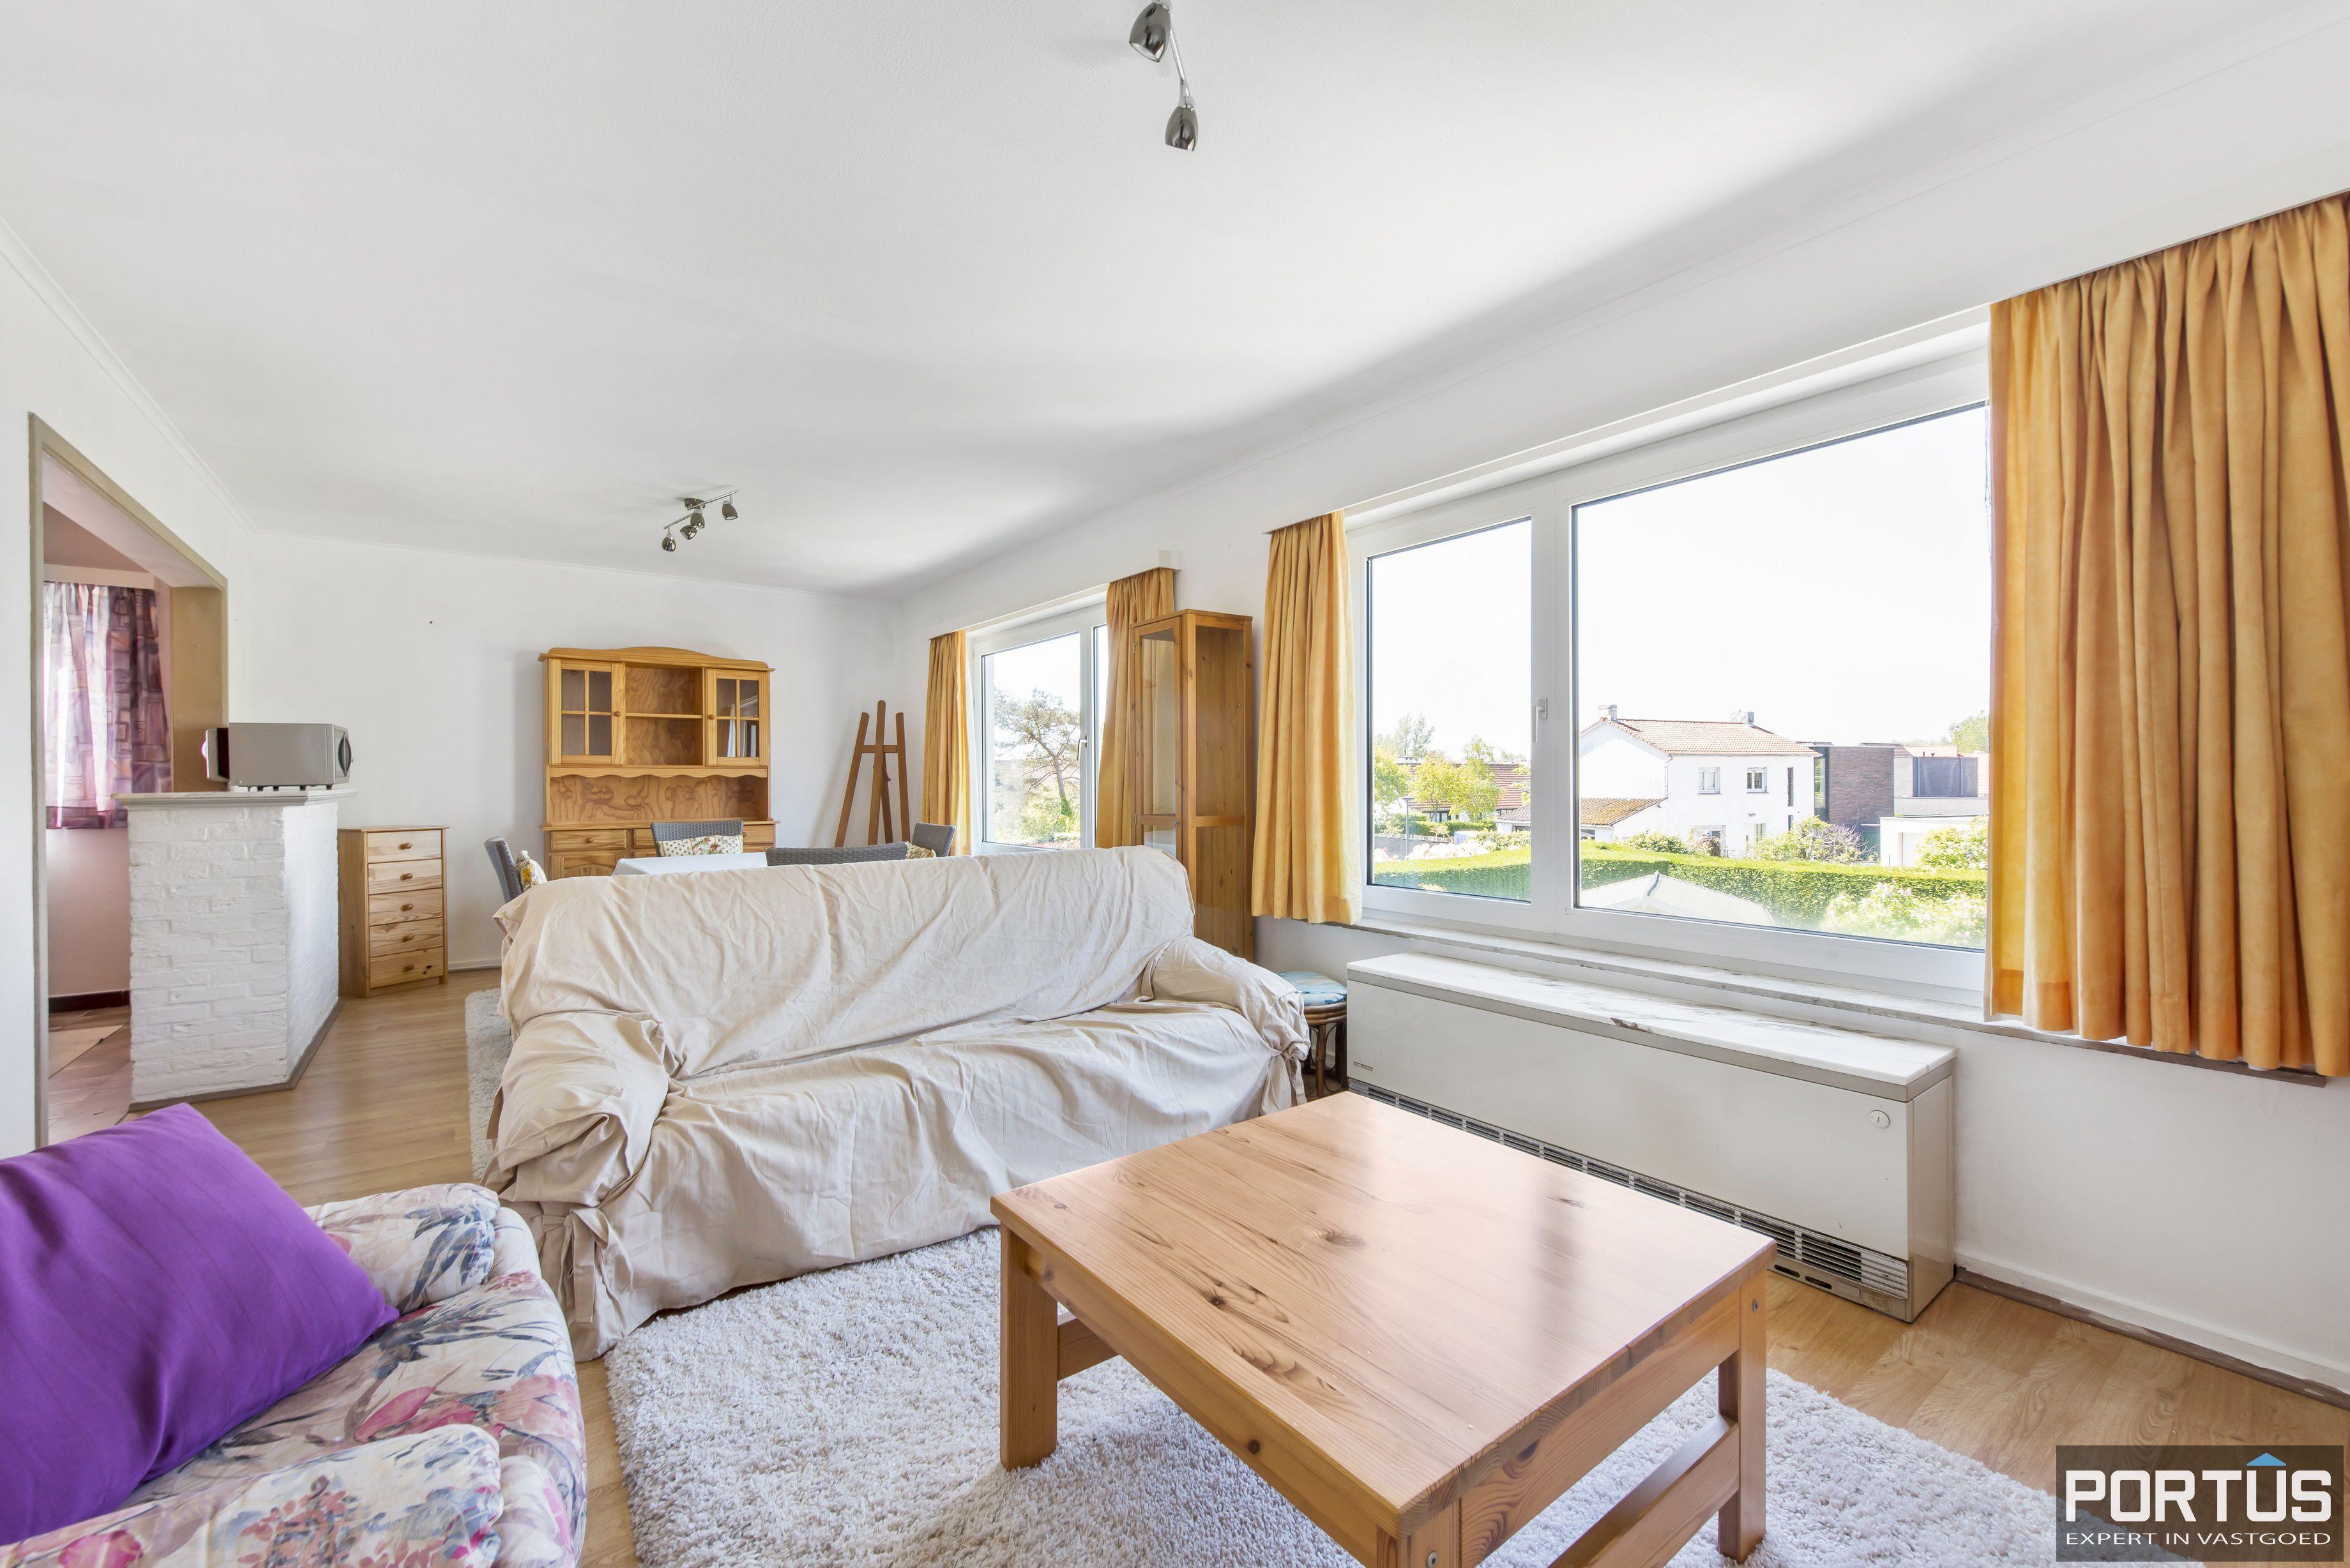 Appartement met 2 slaapkamers en parking te koop te Nieuwpoort - 9729